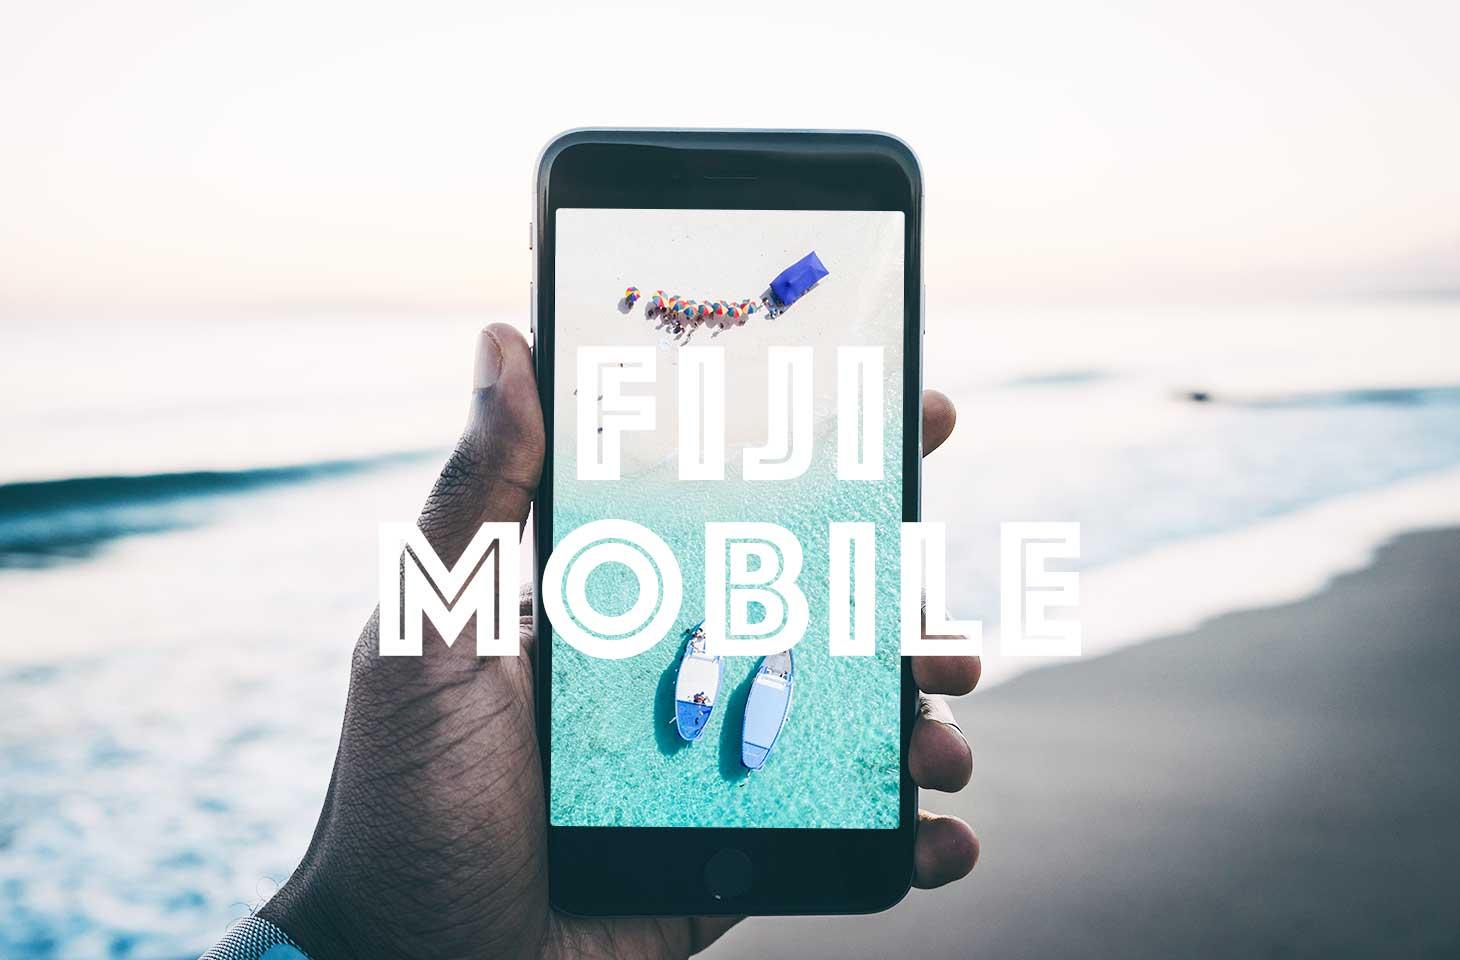 フィジーの携帯電話利用方法とSIMカード事情を徹底解説